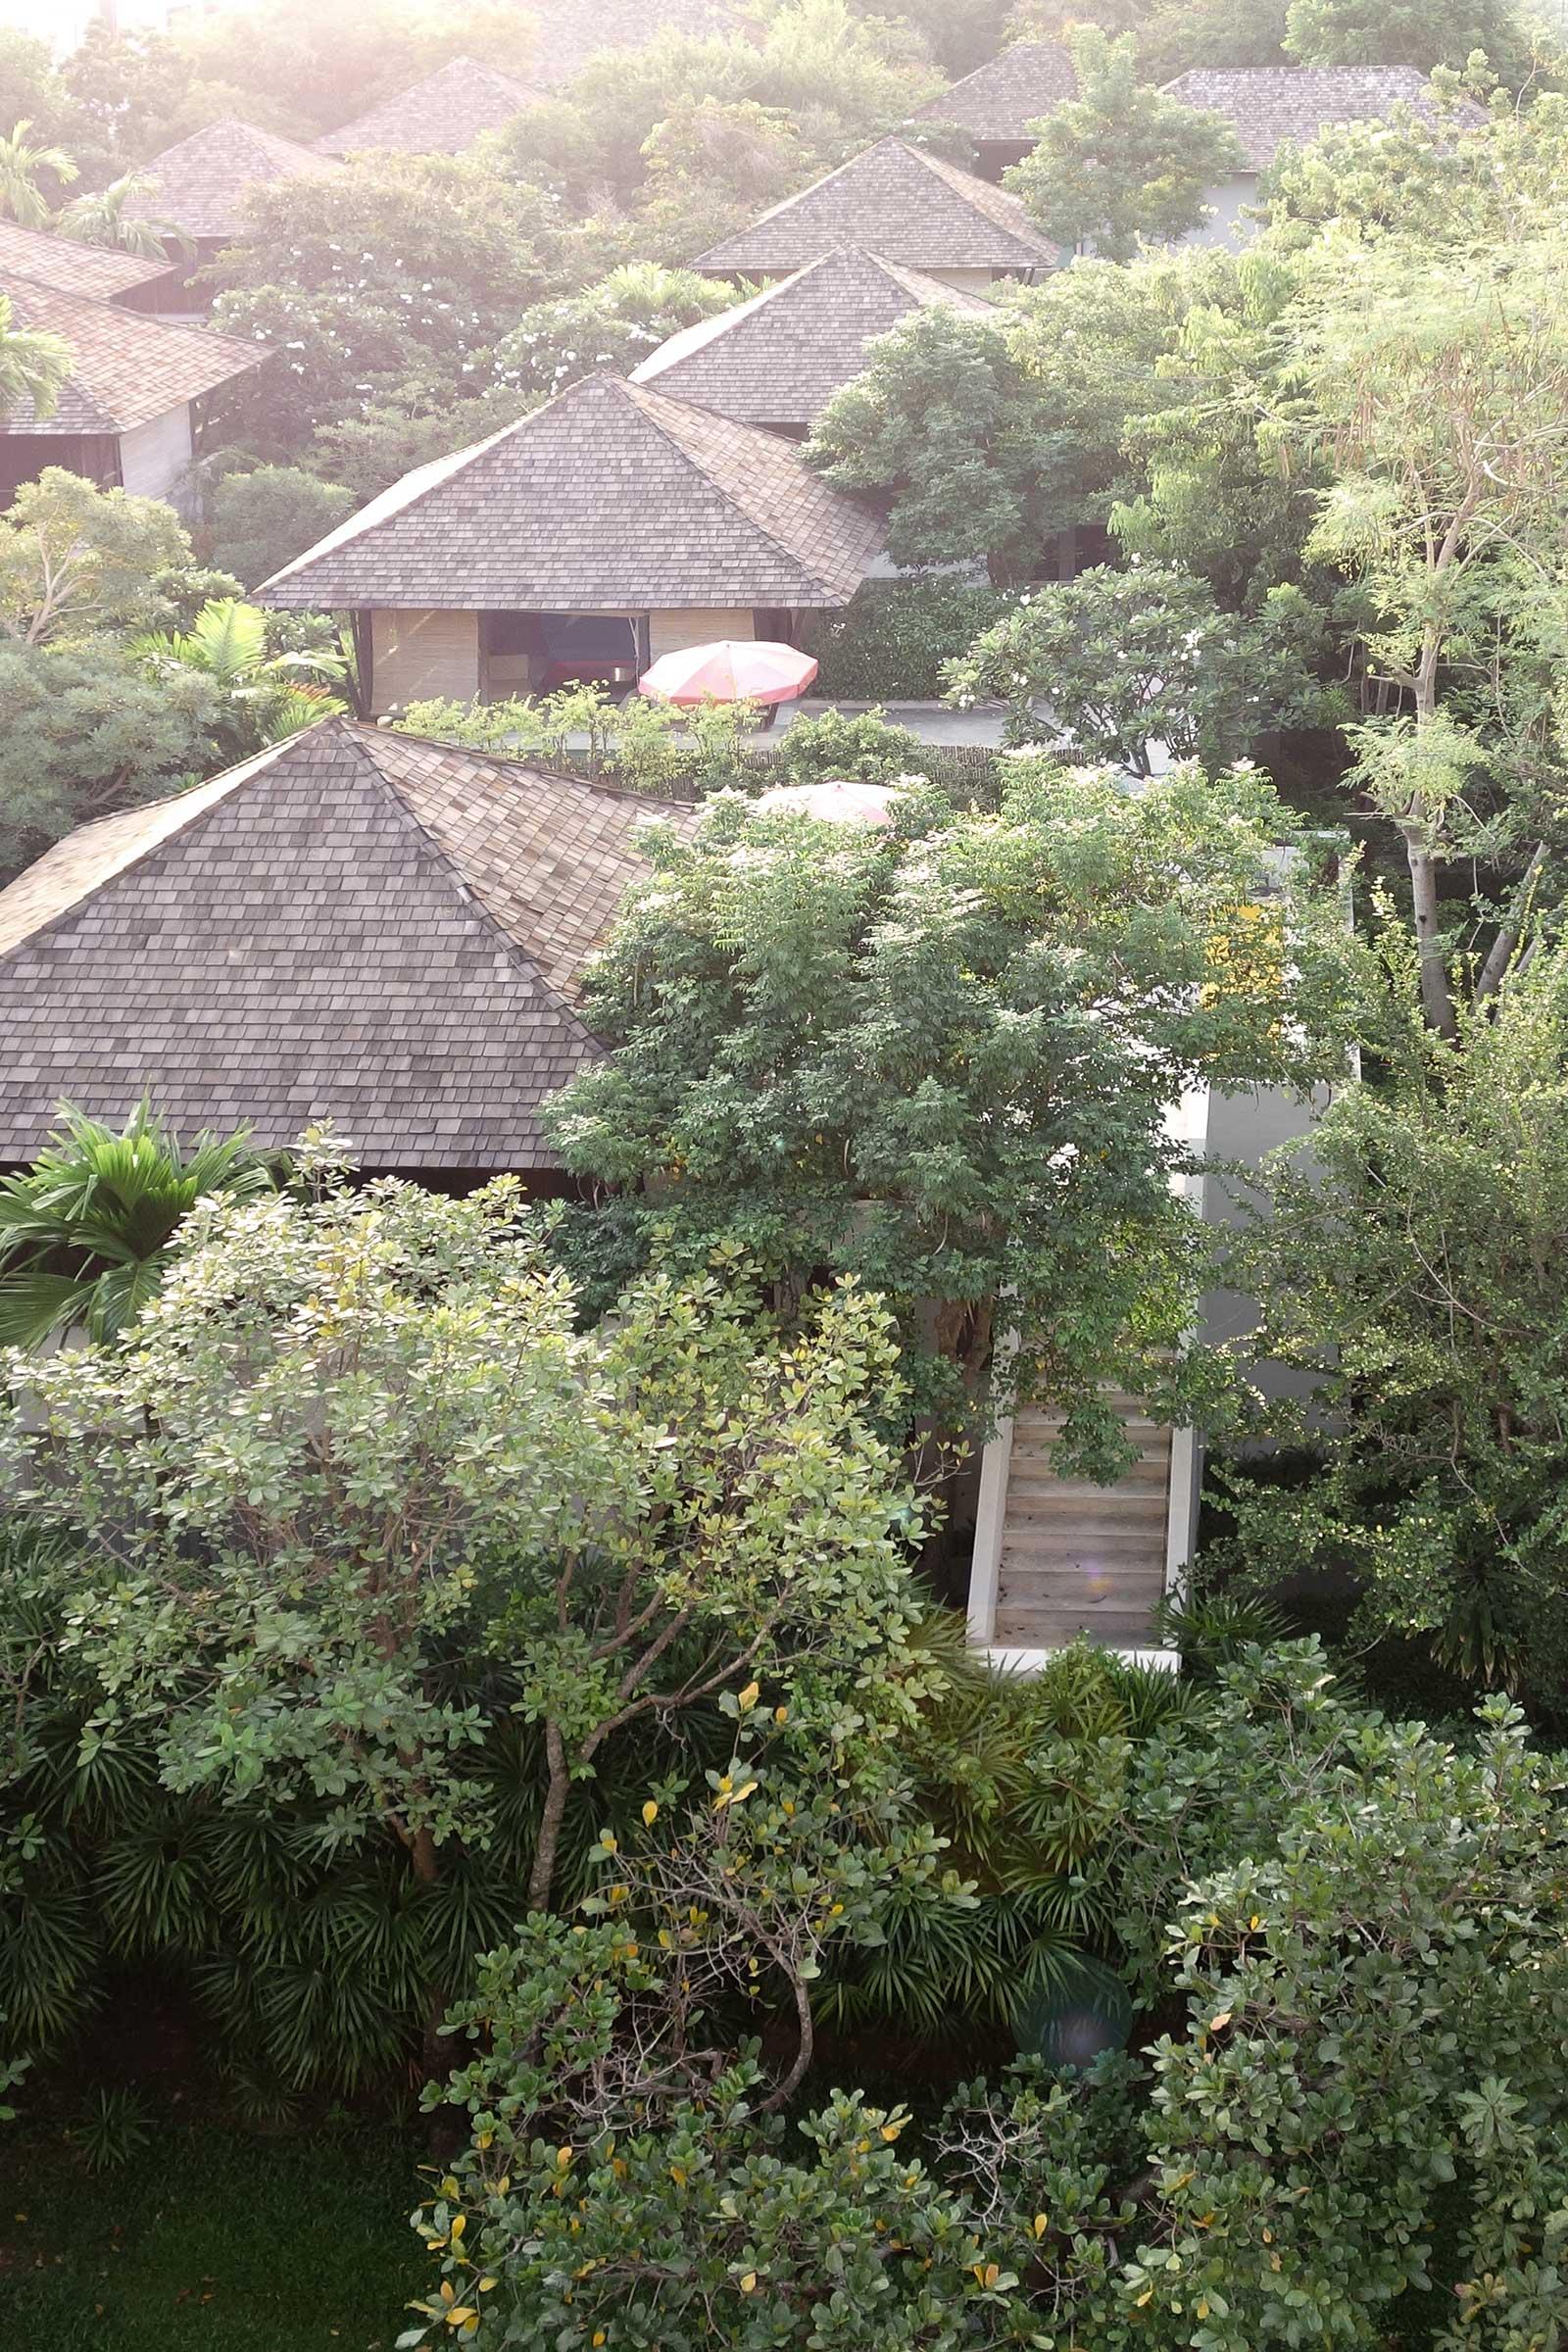 12-Palayana-Thailand-Hotel-Architectkidd-Luke-Yeung.jpg